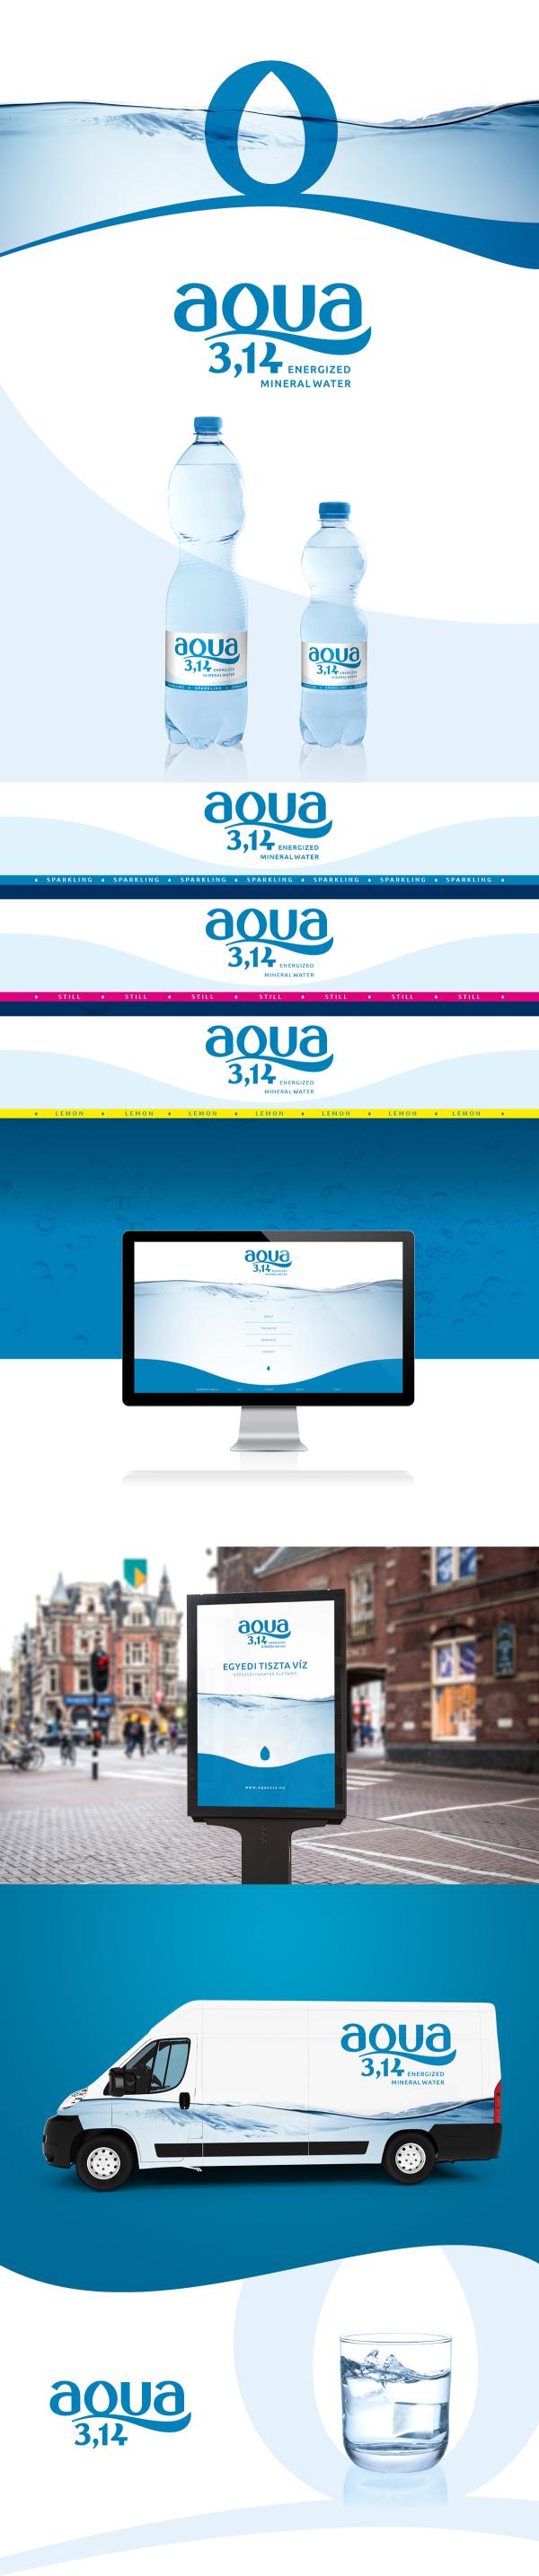 Aqua-02